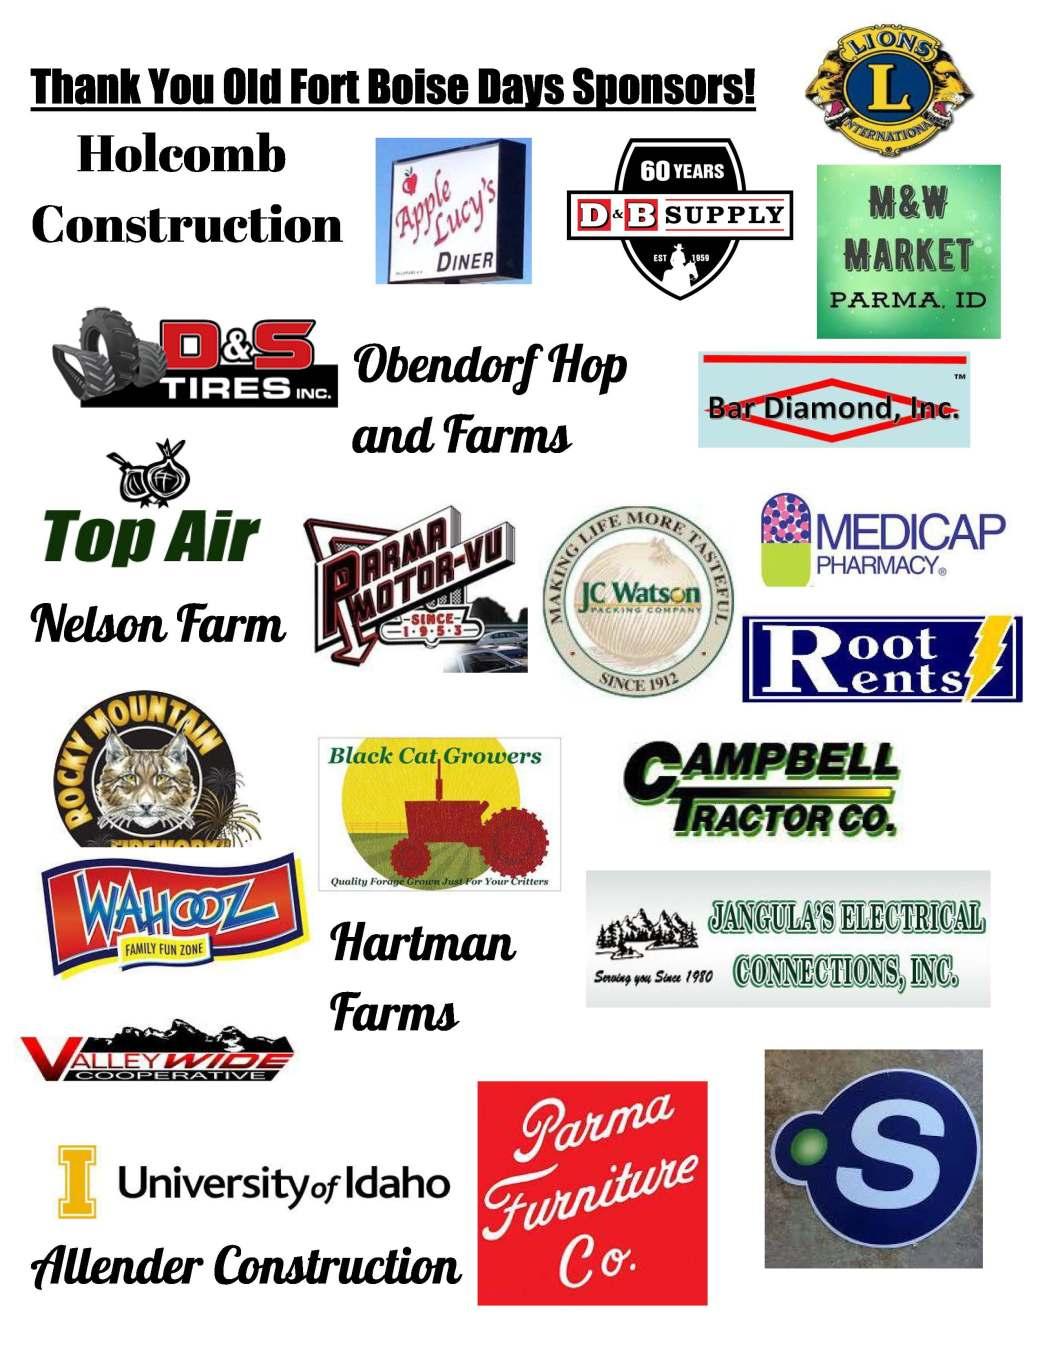 OFBD sponsors